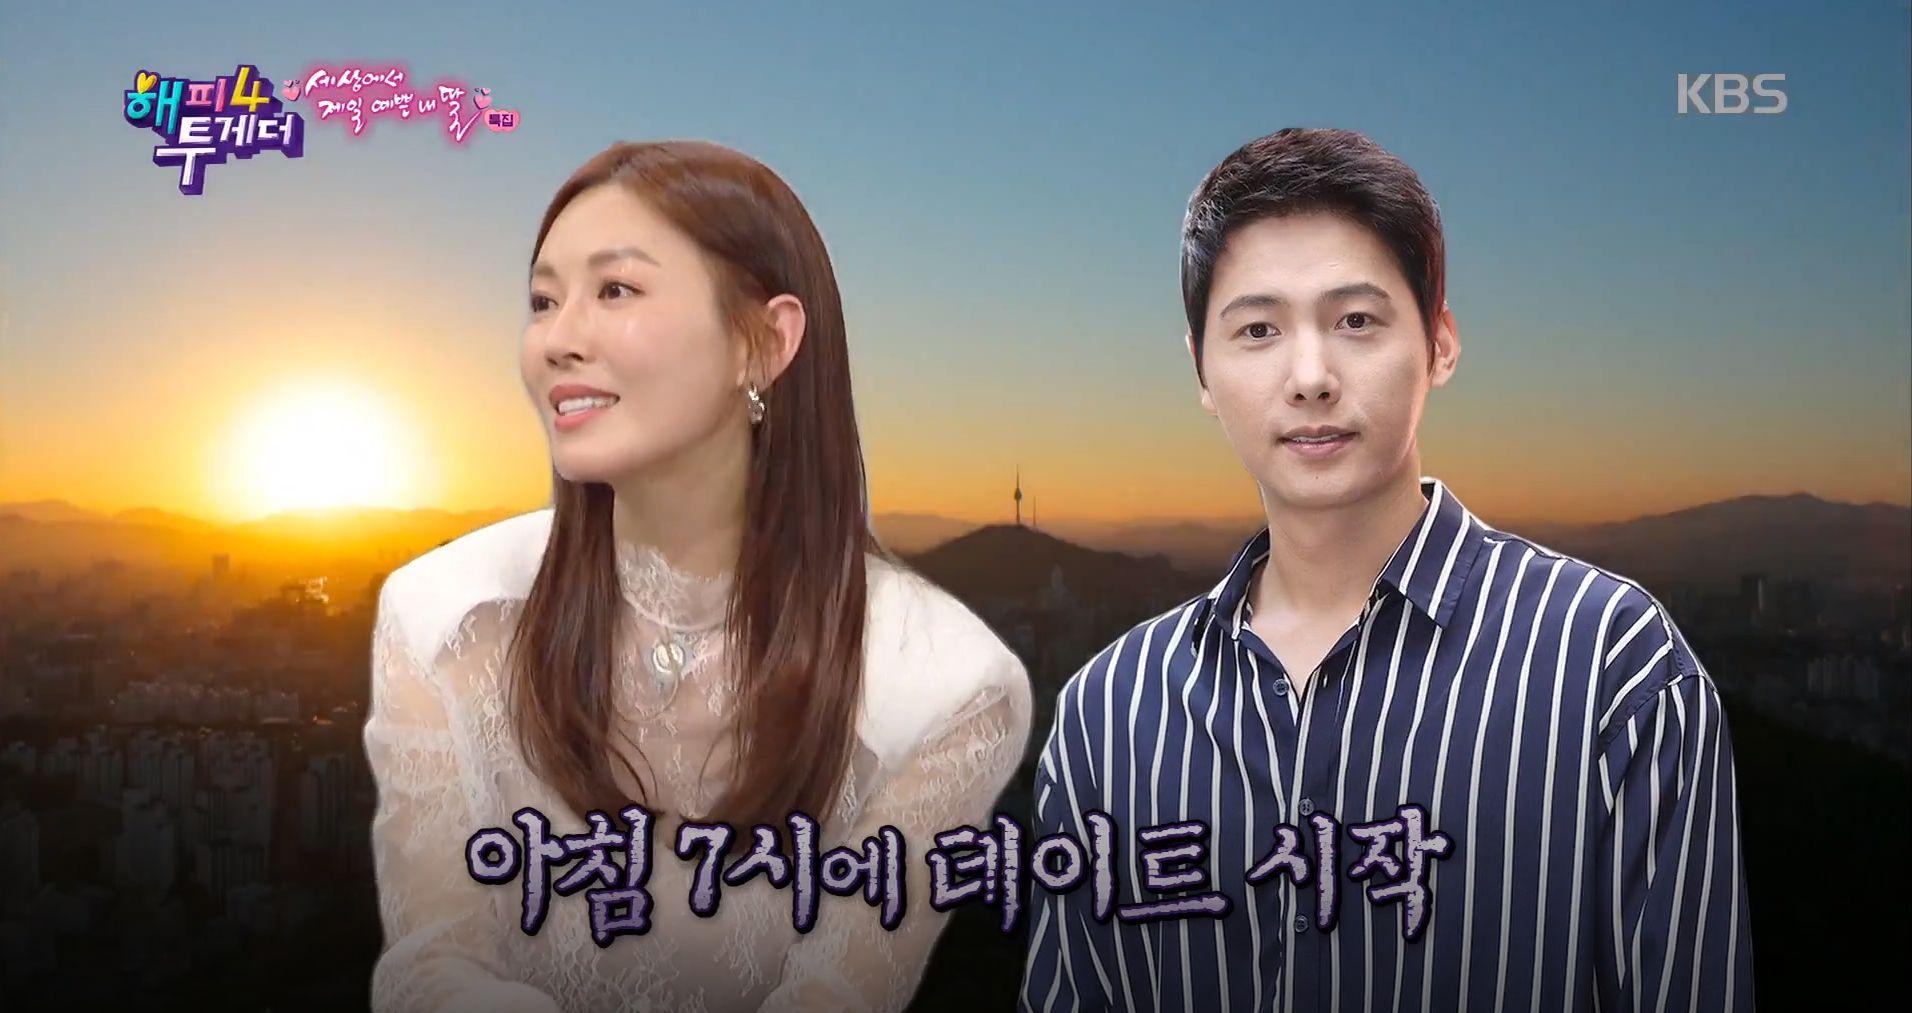 김소연이 이상우와의 '비밀연애' 방법을